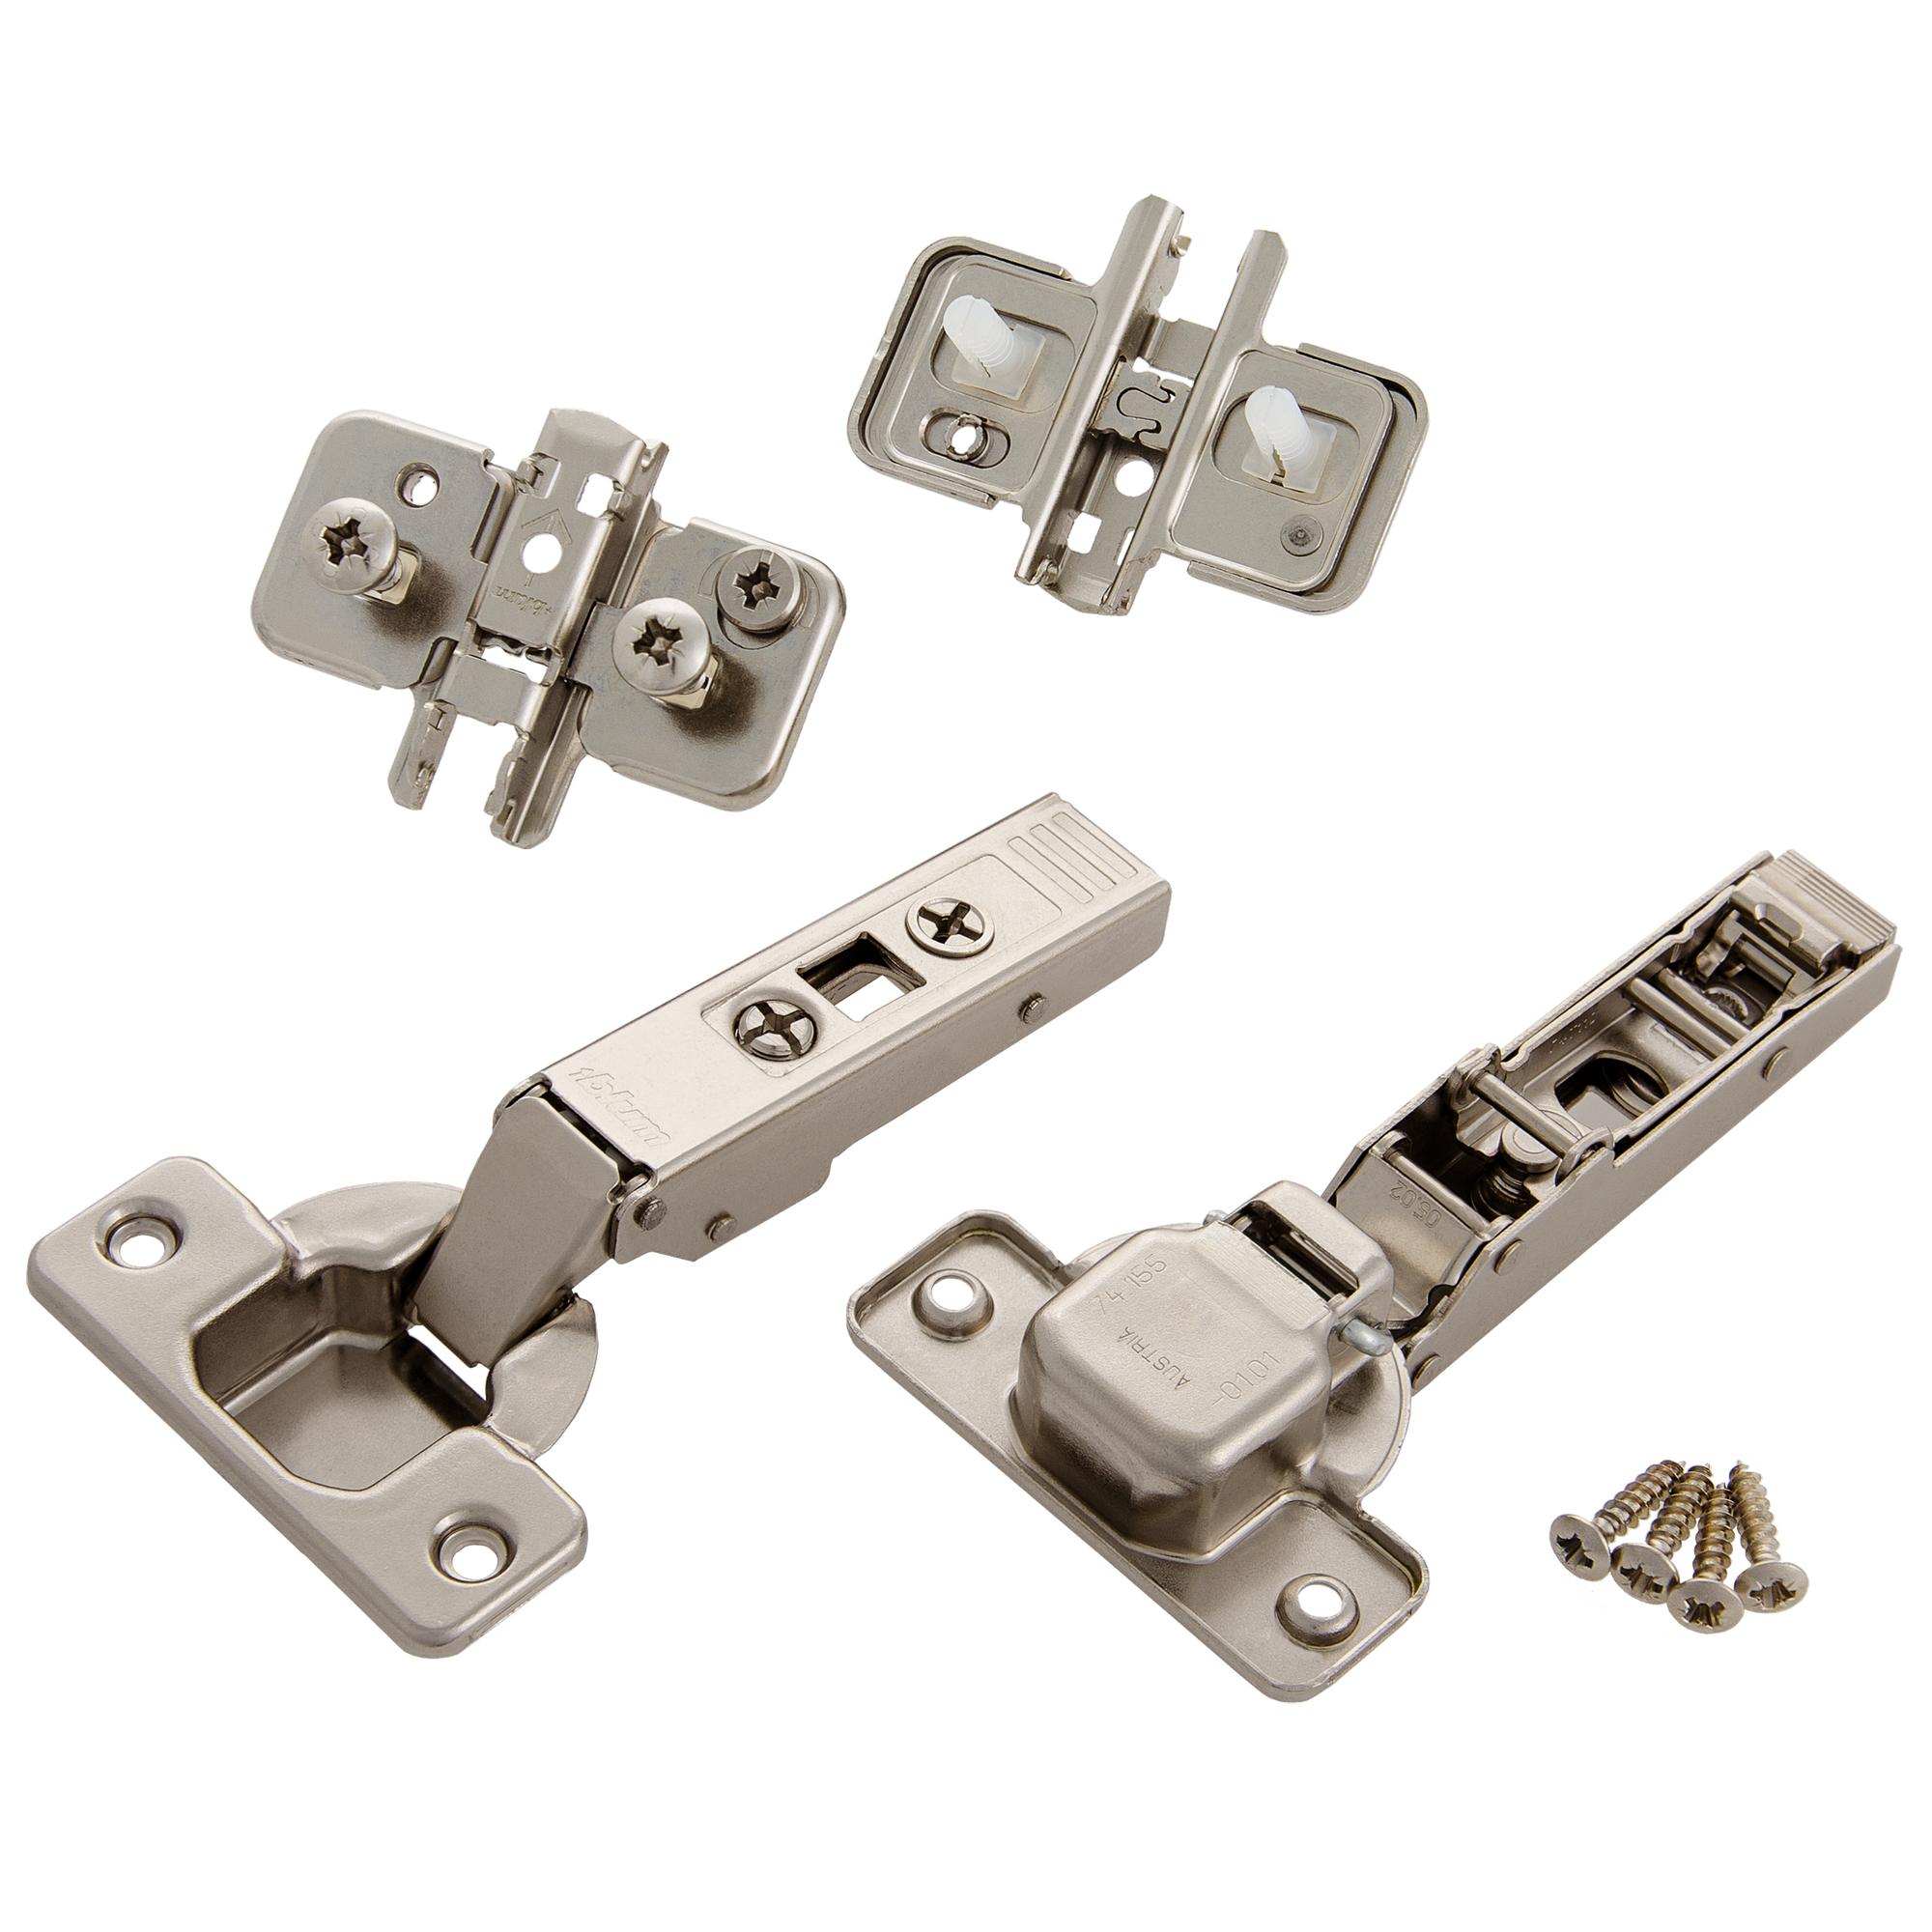 2 St/ück Lamellent/ürscharniere M/öbelscharniere Schrankscharniere Metall vermessingt 50 x 24mm